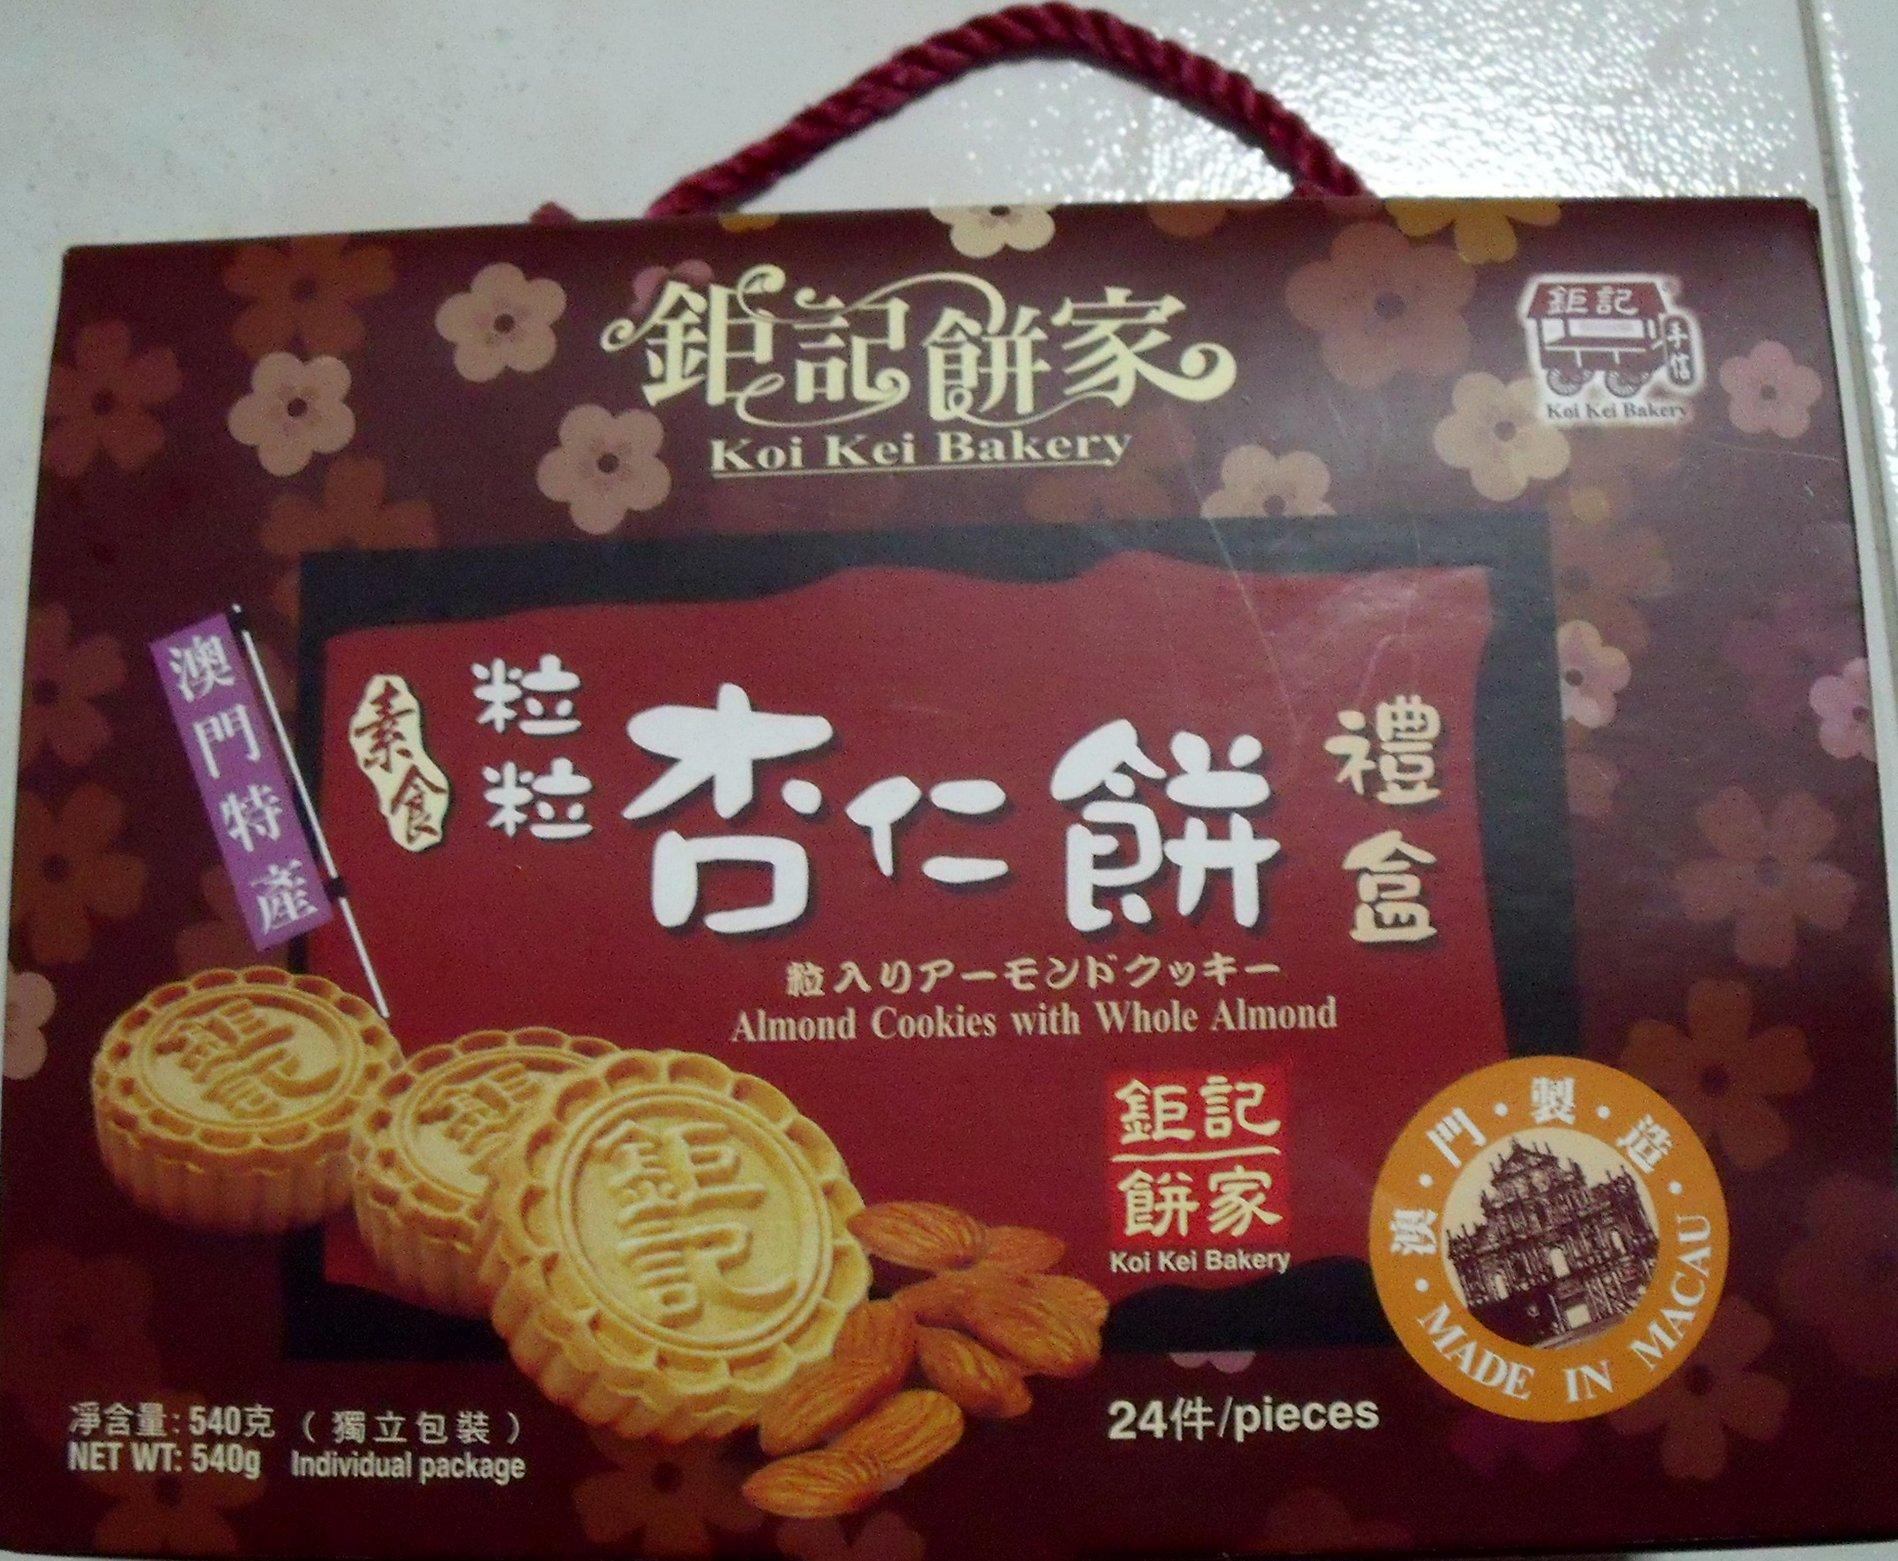 Almond Cookies Macau Handmade Almond Cookies Wif